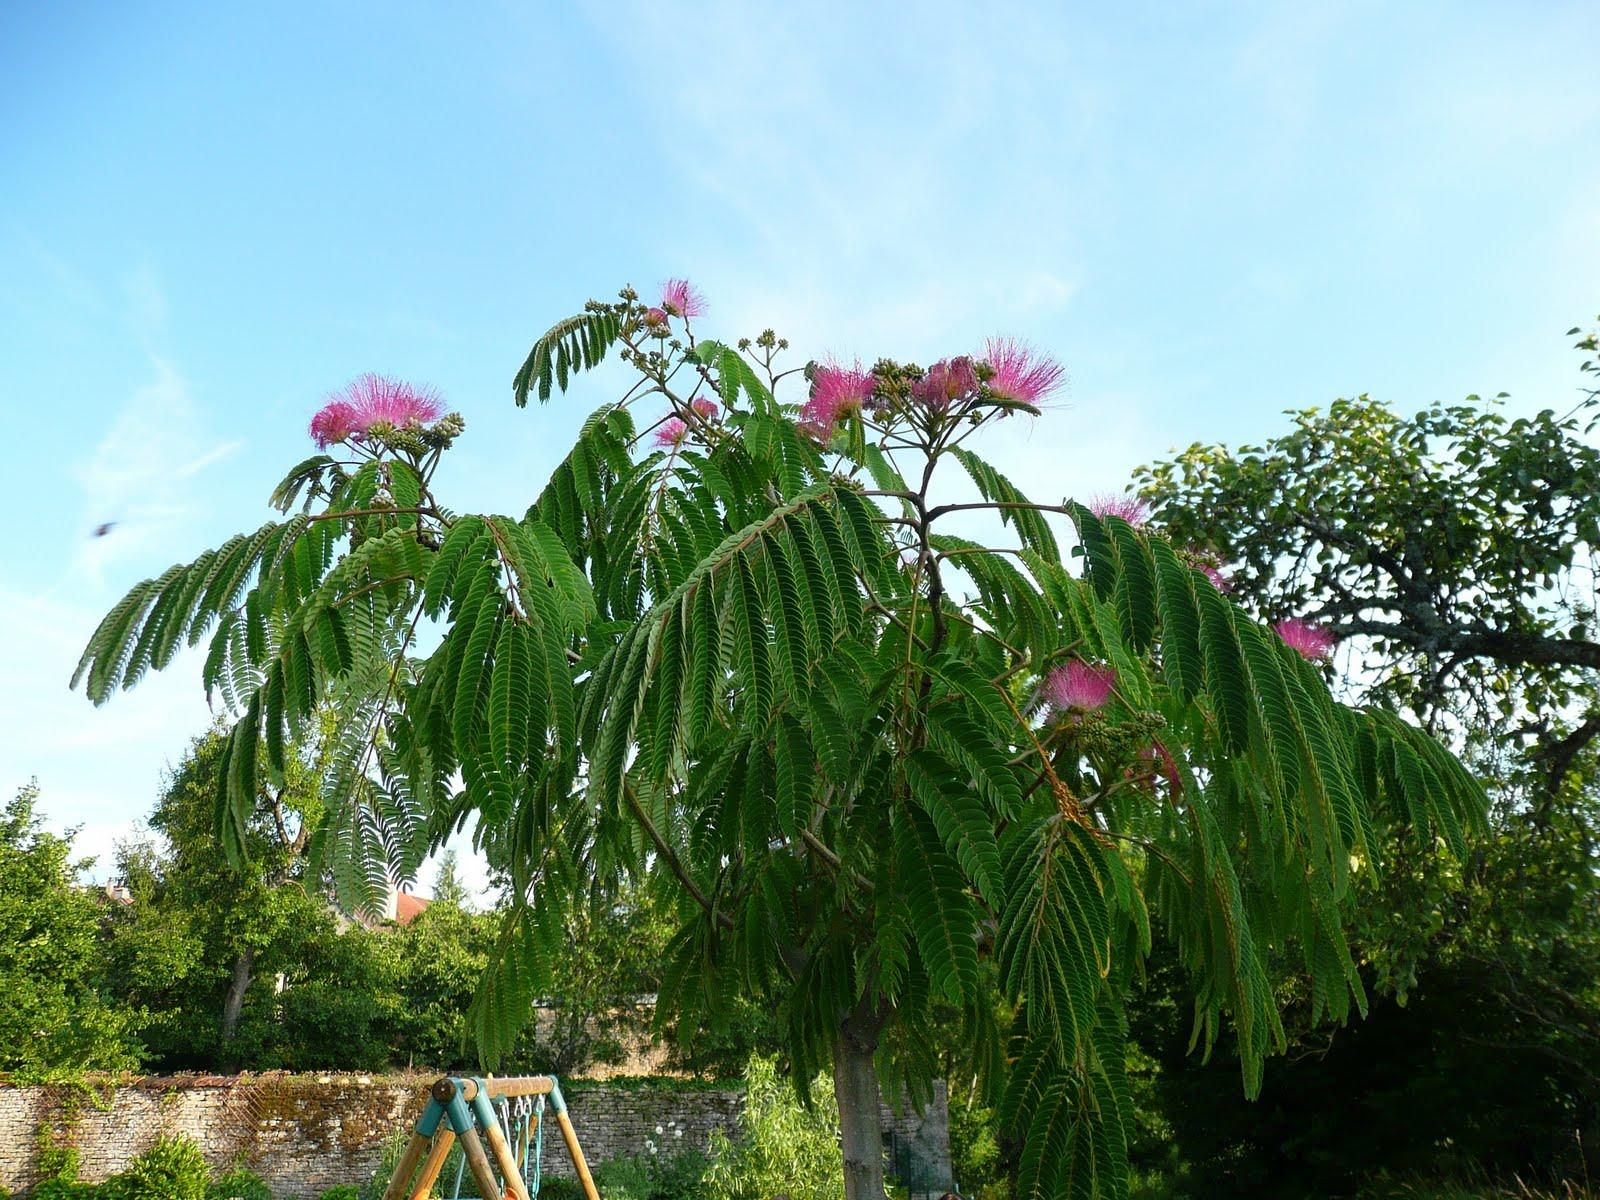 Notre jardin secret albizia julibrissim ombrella for Taille d un albizia